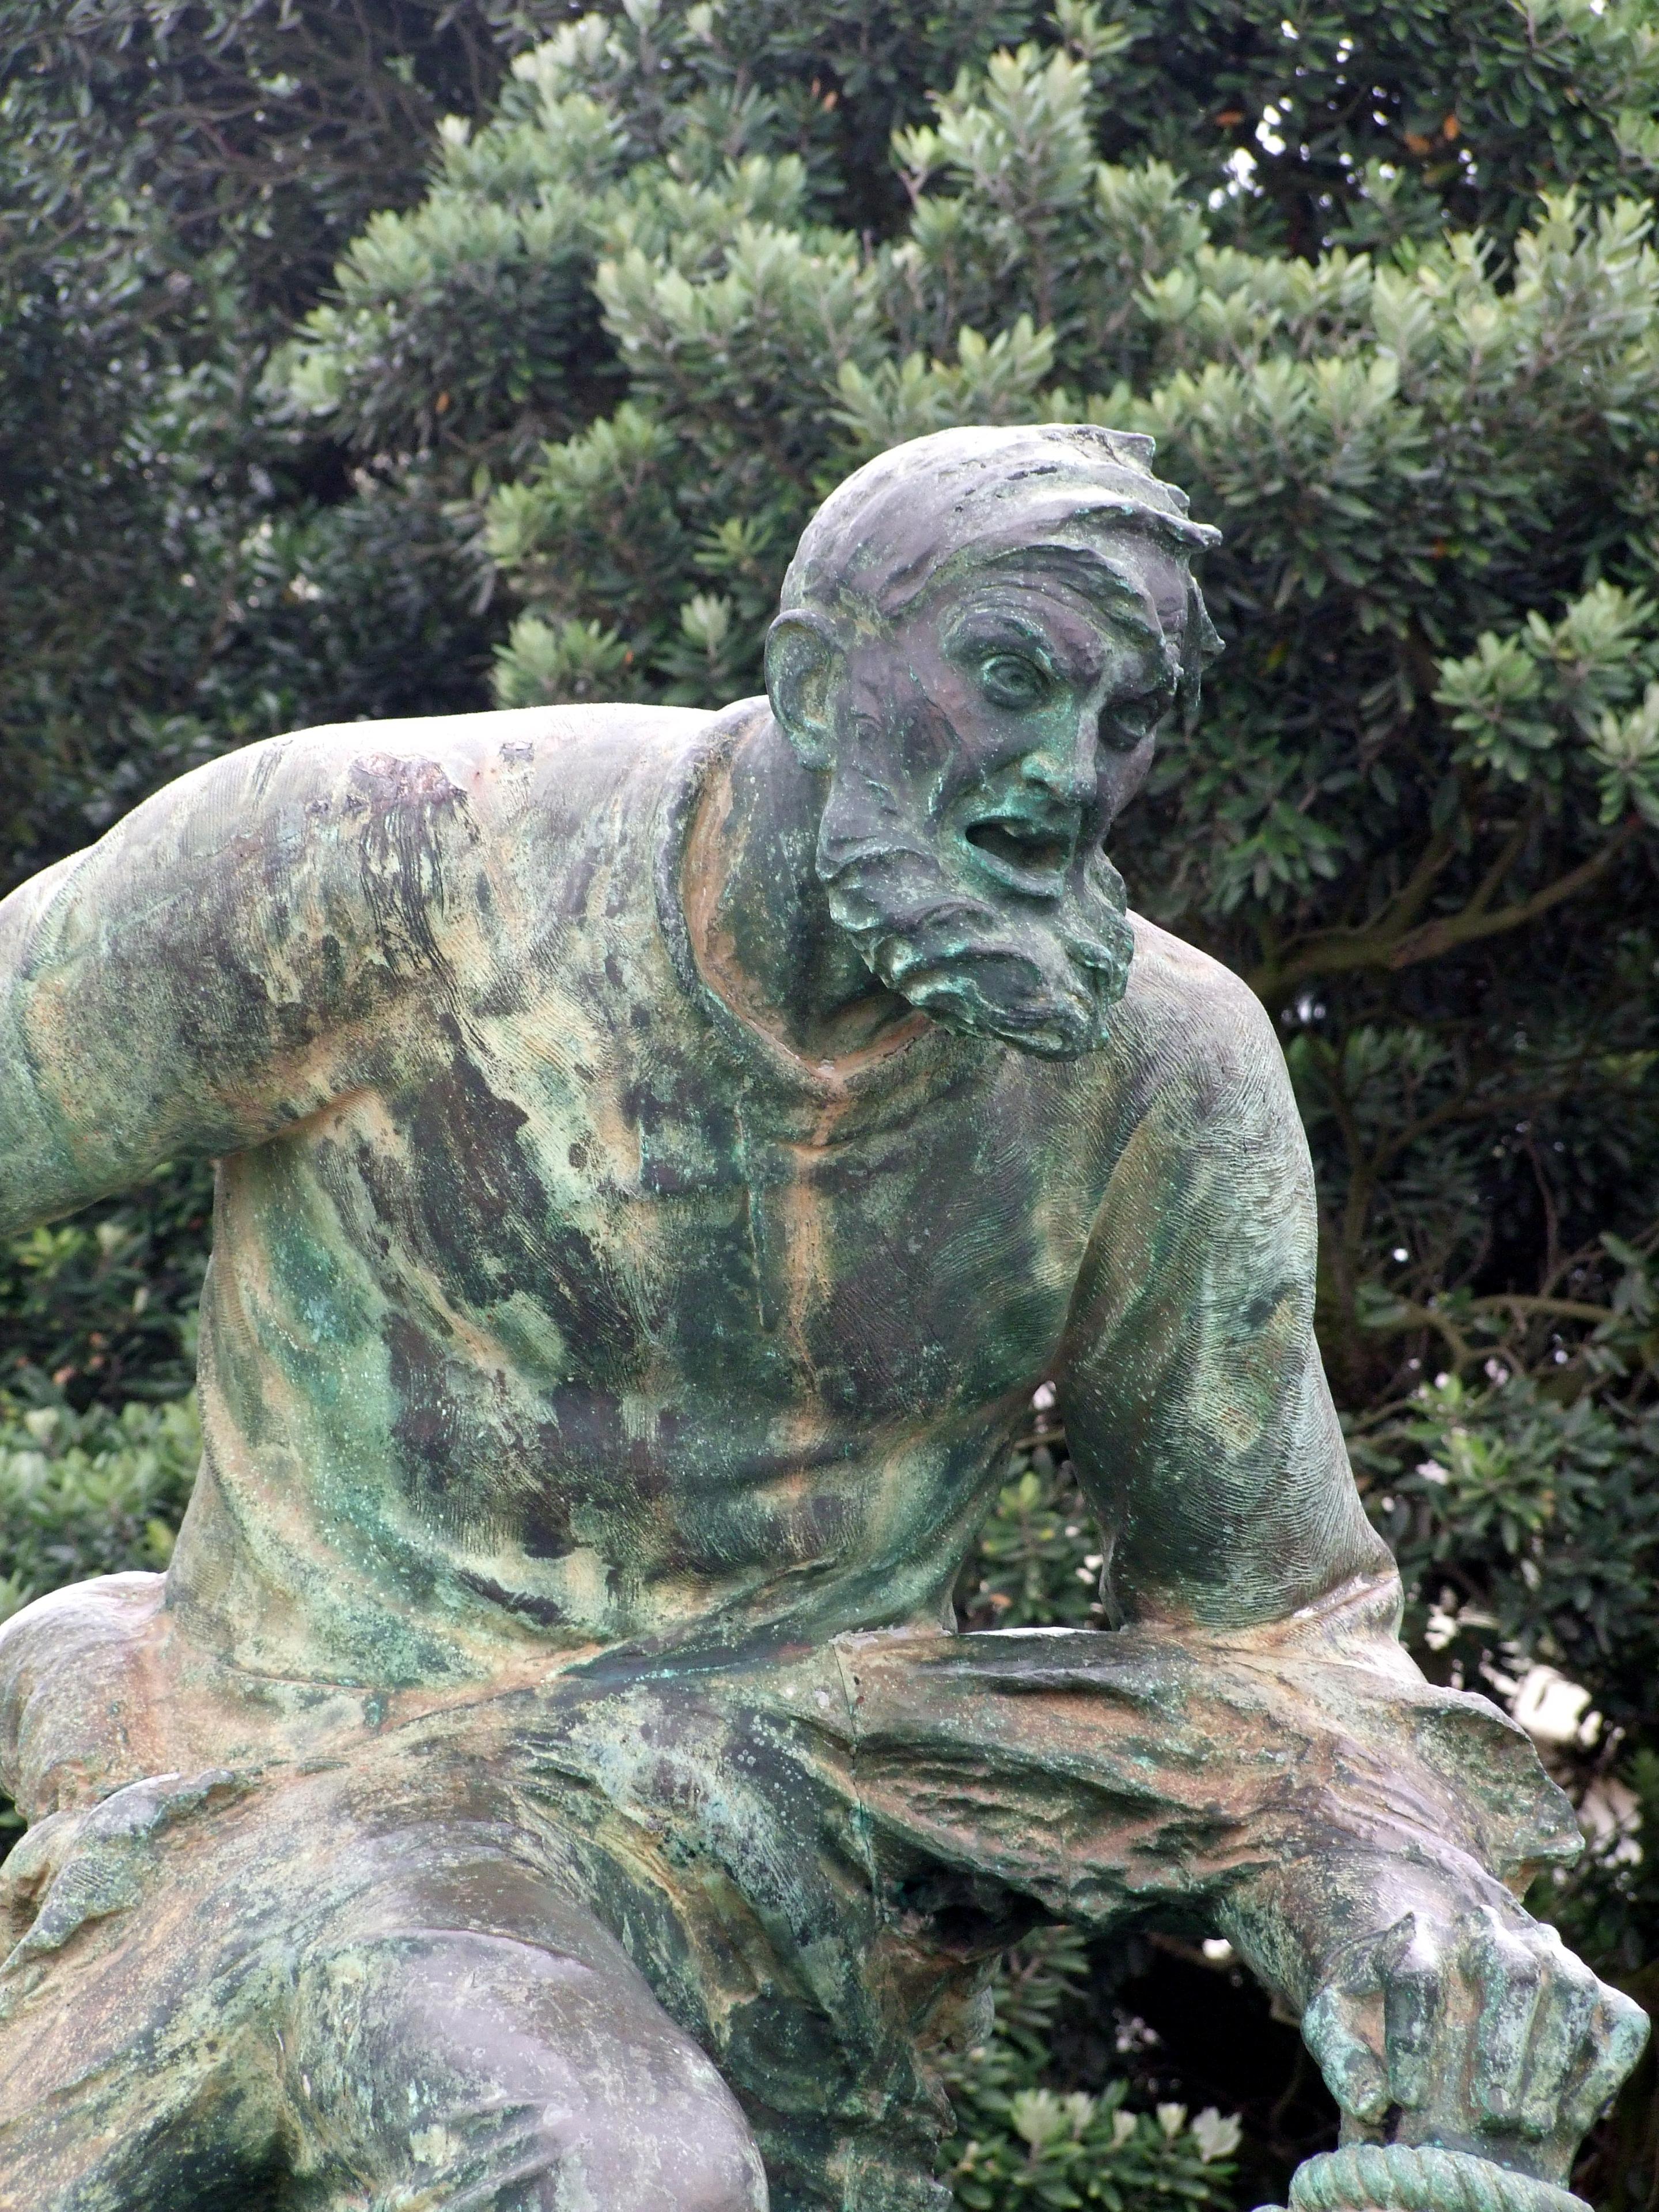 Ficheiro:Salva Vidas escultura.jpg – Wikipédia a enciclopédia  #776554 2880 3840